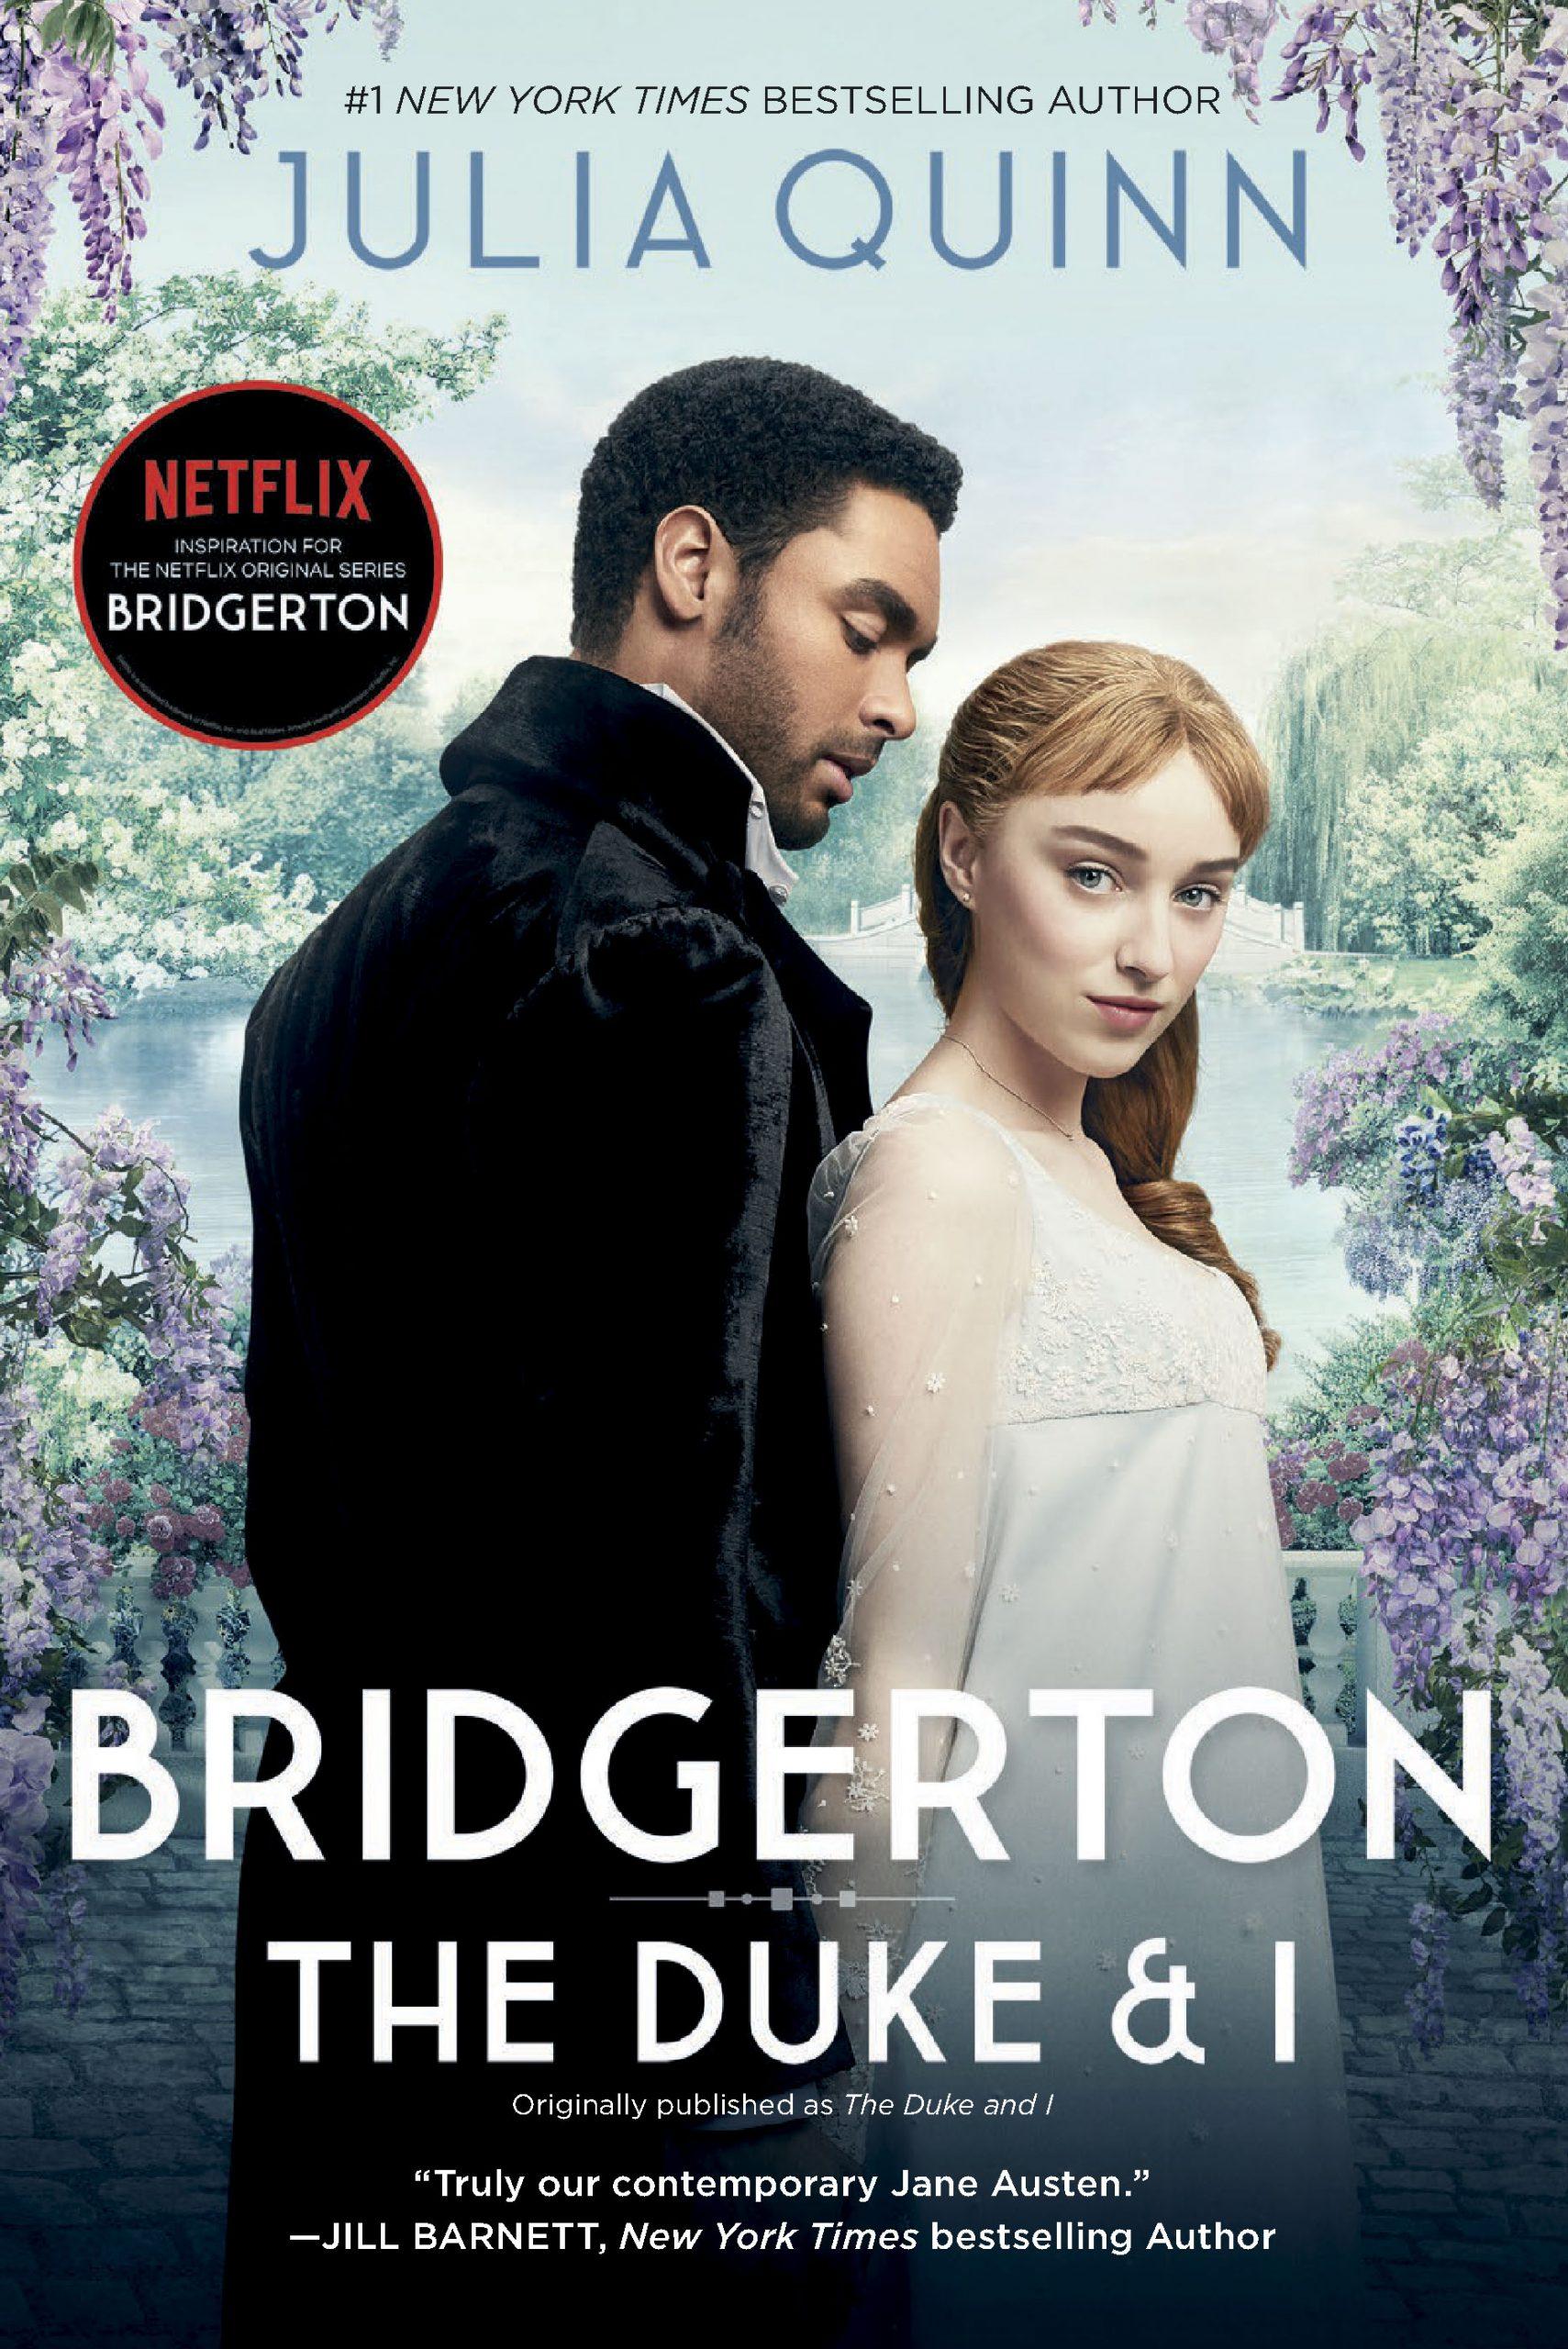 Bridgerton: The Duke & I